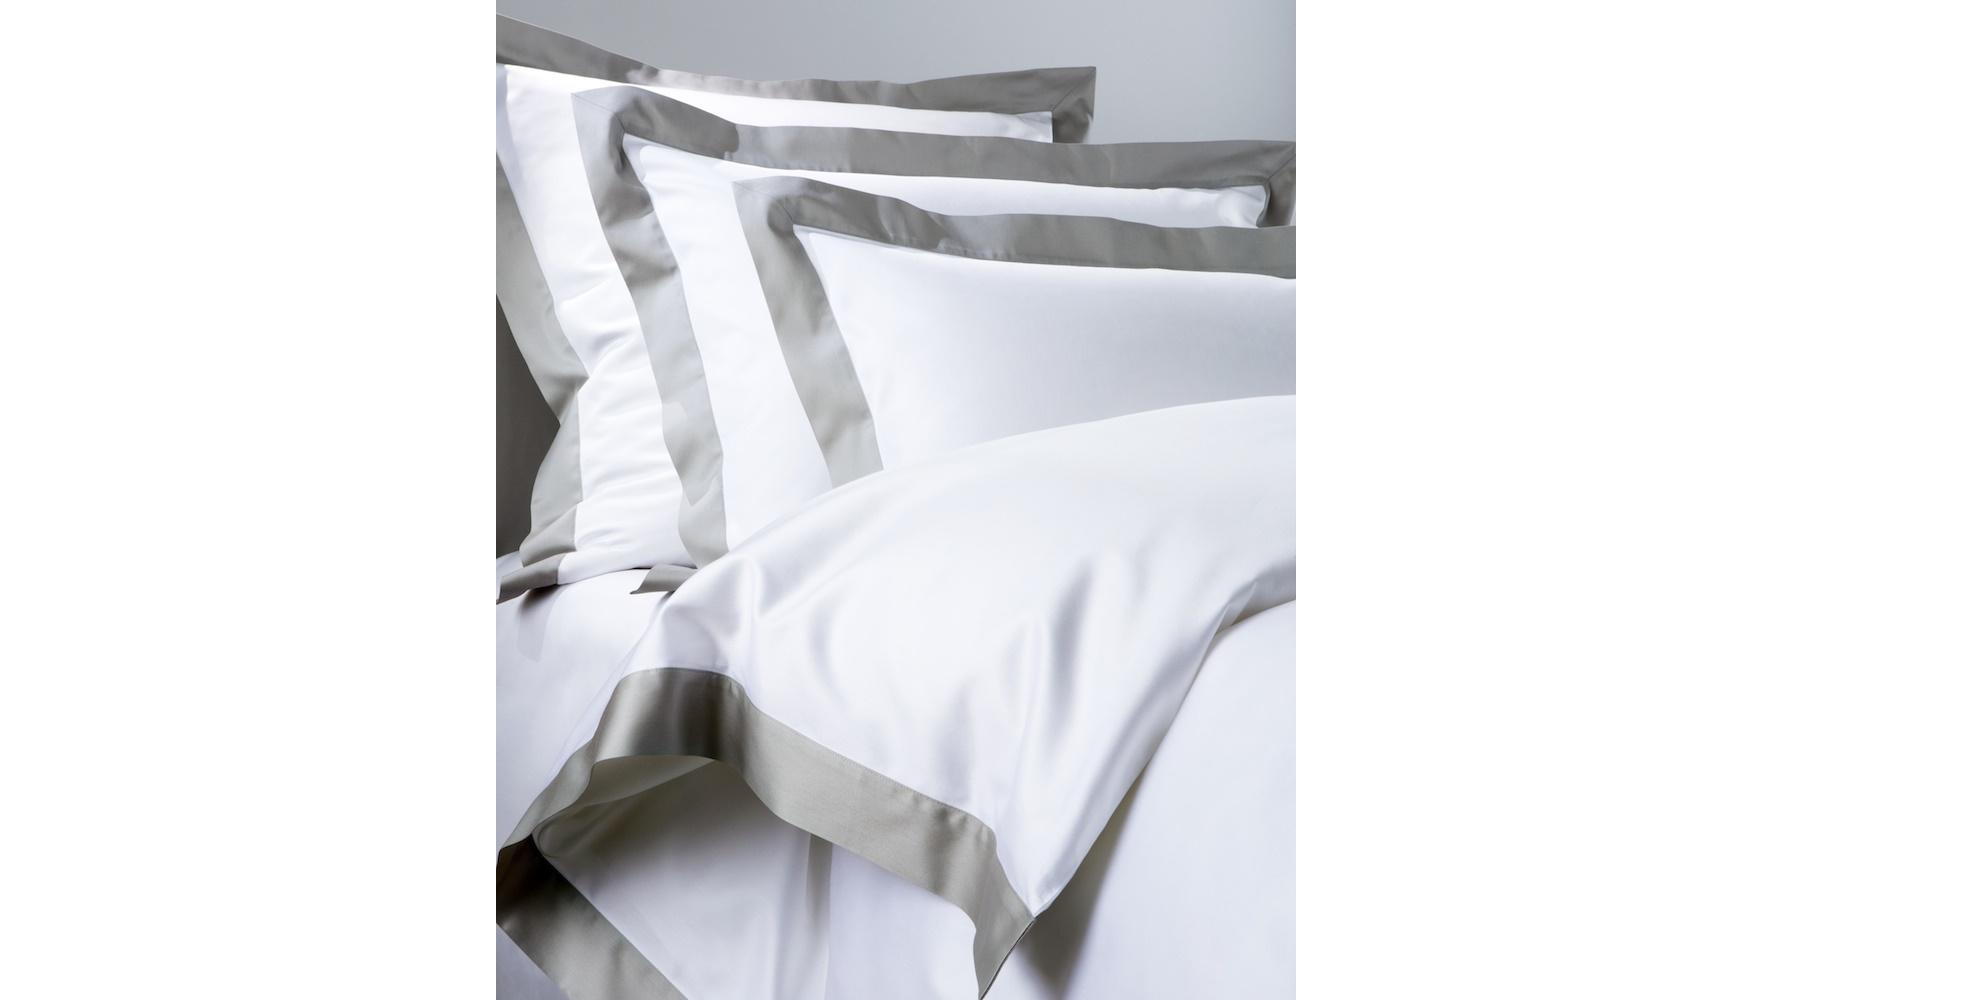 Комплект  постельного белья FOSCARI DOLOMIA (двуспальный)Двуспальные комплекты постельного белья<br>&amp;lt;div&amp;gt;Этот комплект постельного белья изготовлен из белого сатина с контрастными полосами-вставками. Материю ткут на лучших итальянских мануфактурах из египетского длинноволокнистого хлопка с плотностью 600 ТС. Такая ткань отличается особенной гладкостью и мягкостью.&amp;lt;/div&amp;gt;&amp;lt;div&amp;gt;Набор упакован в подарочную коробку и состоит из пододеяльника 220х200 см, простыни 260х280 см и двух наволочек 50х70 см. Рекомендуется стирать белье при 40°С, предварительно застегнув все молнии, гладить ? влажным, при 150°С.&amp;lt;/div&amp;gt;<br><br>Material: Сатин<br>Length см: 280<br>Width см: 260